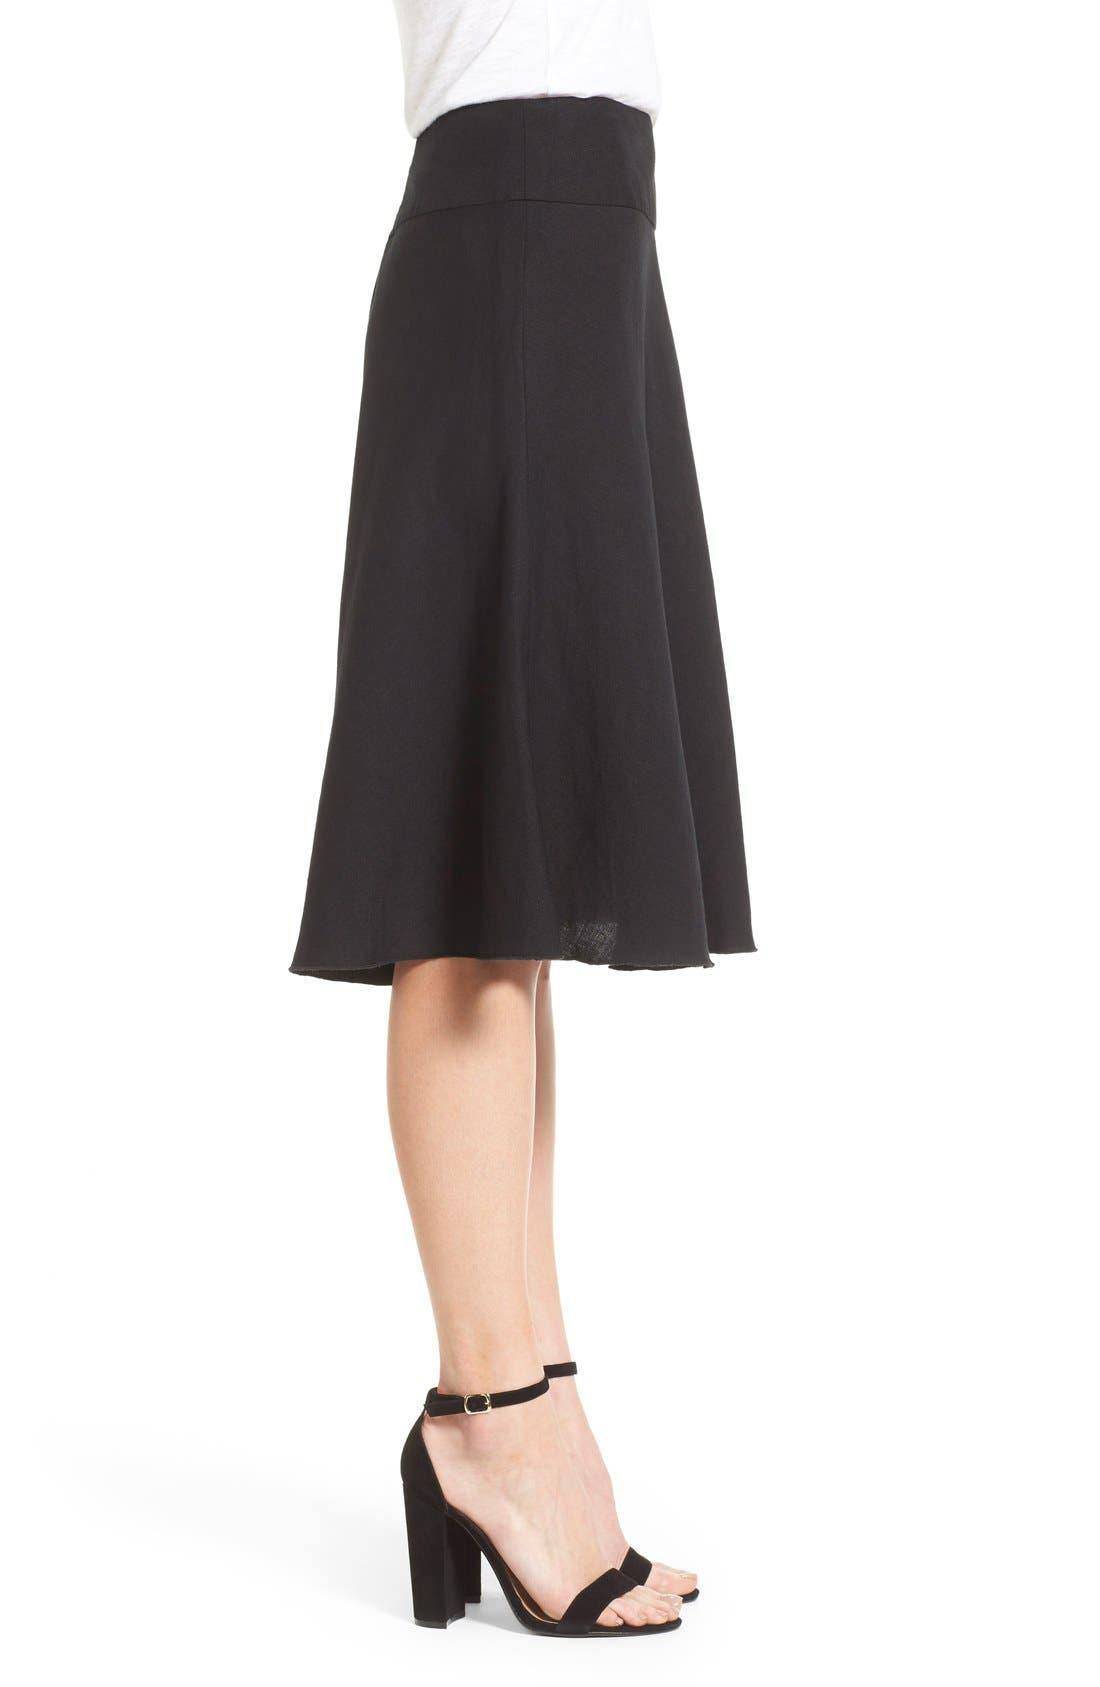 Summer Fling Linen Blend Skirt,                             Alternate thumbnail 2, color,                             BLACK ONYX